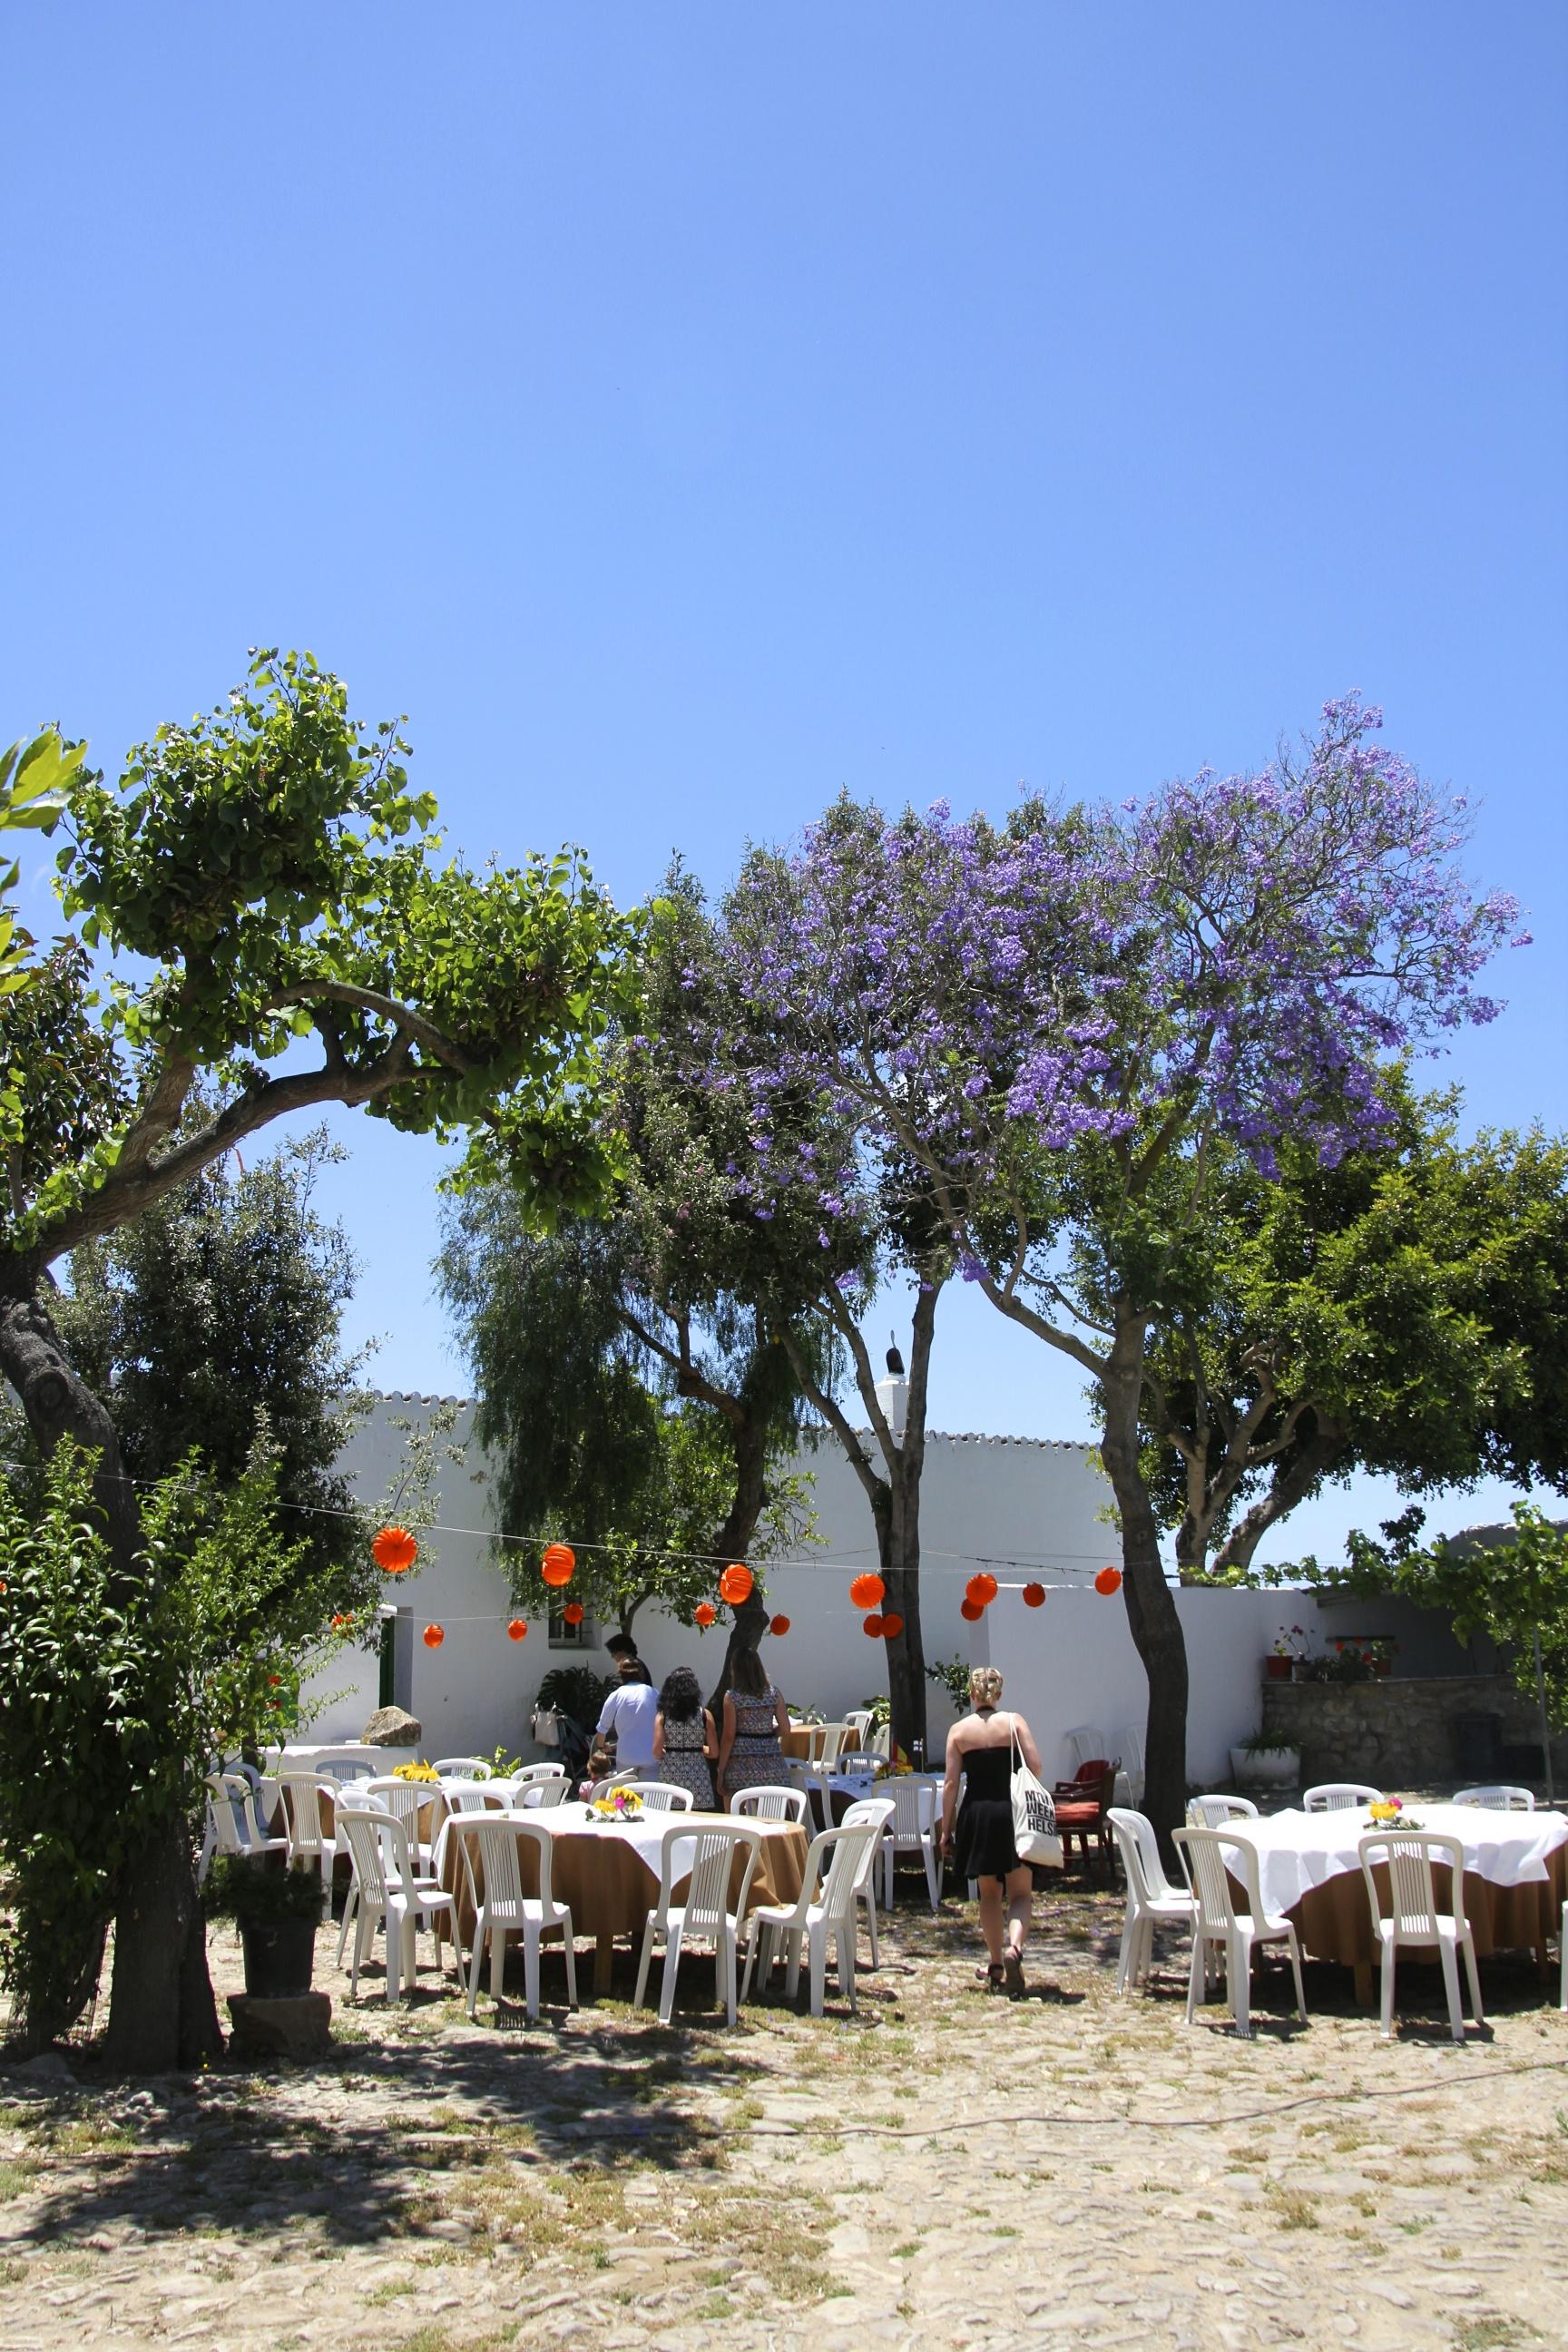 Camposta tuli koristeluineen täydellisempi juhlapaikka kuin olisimme ikinä voineet unelmoida.